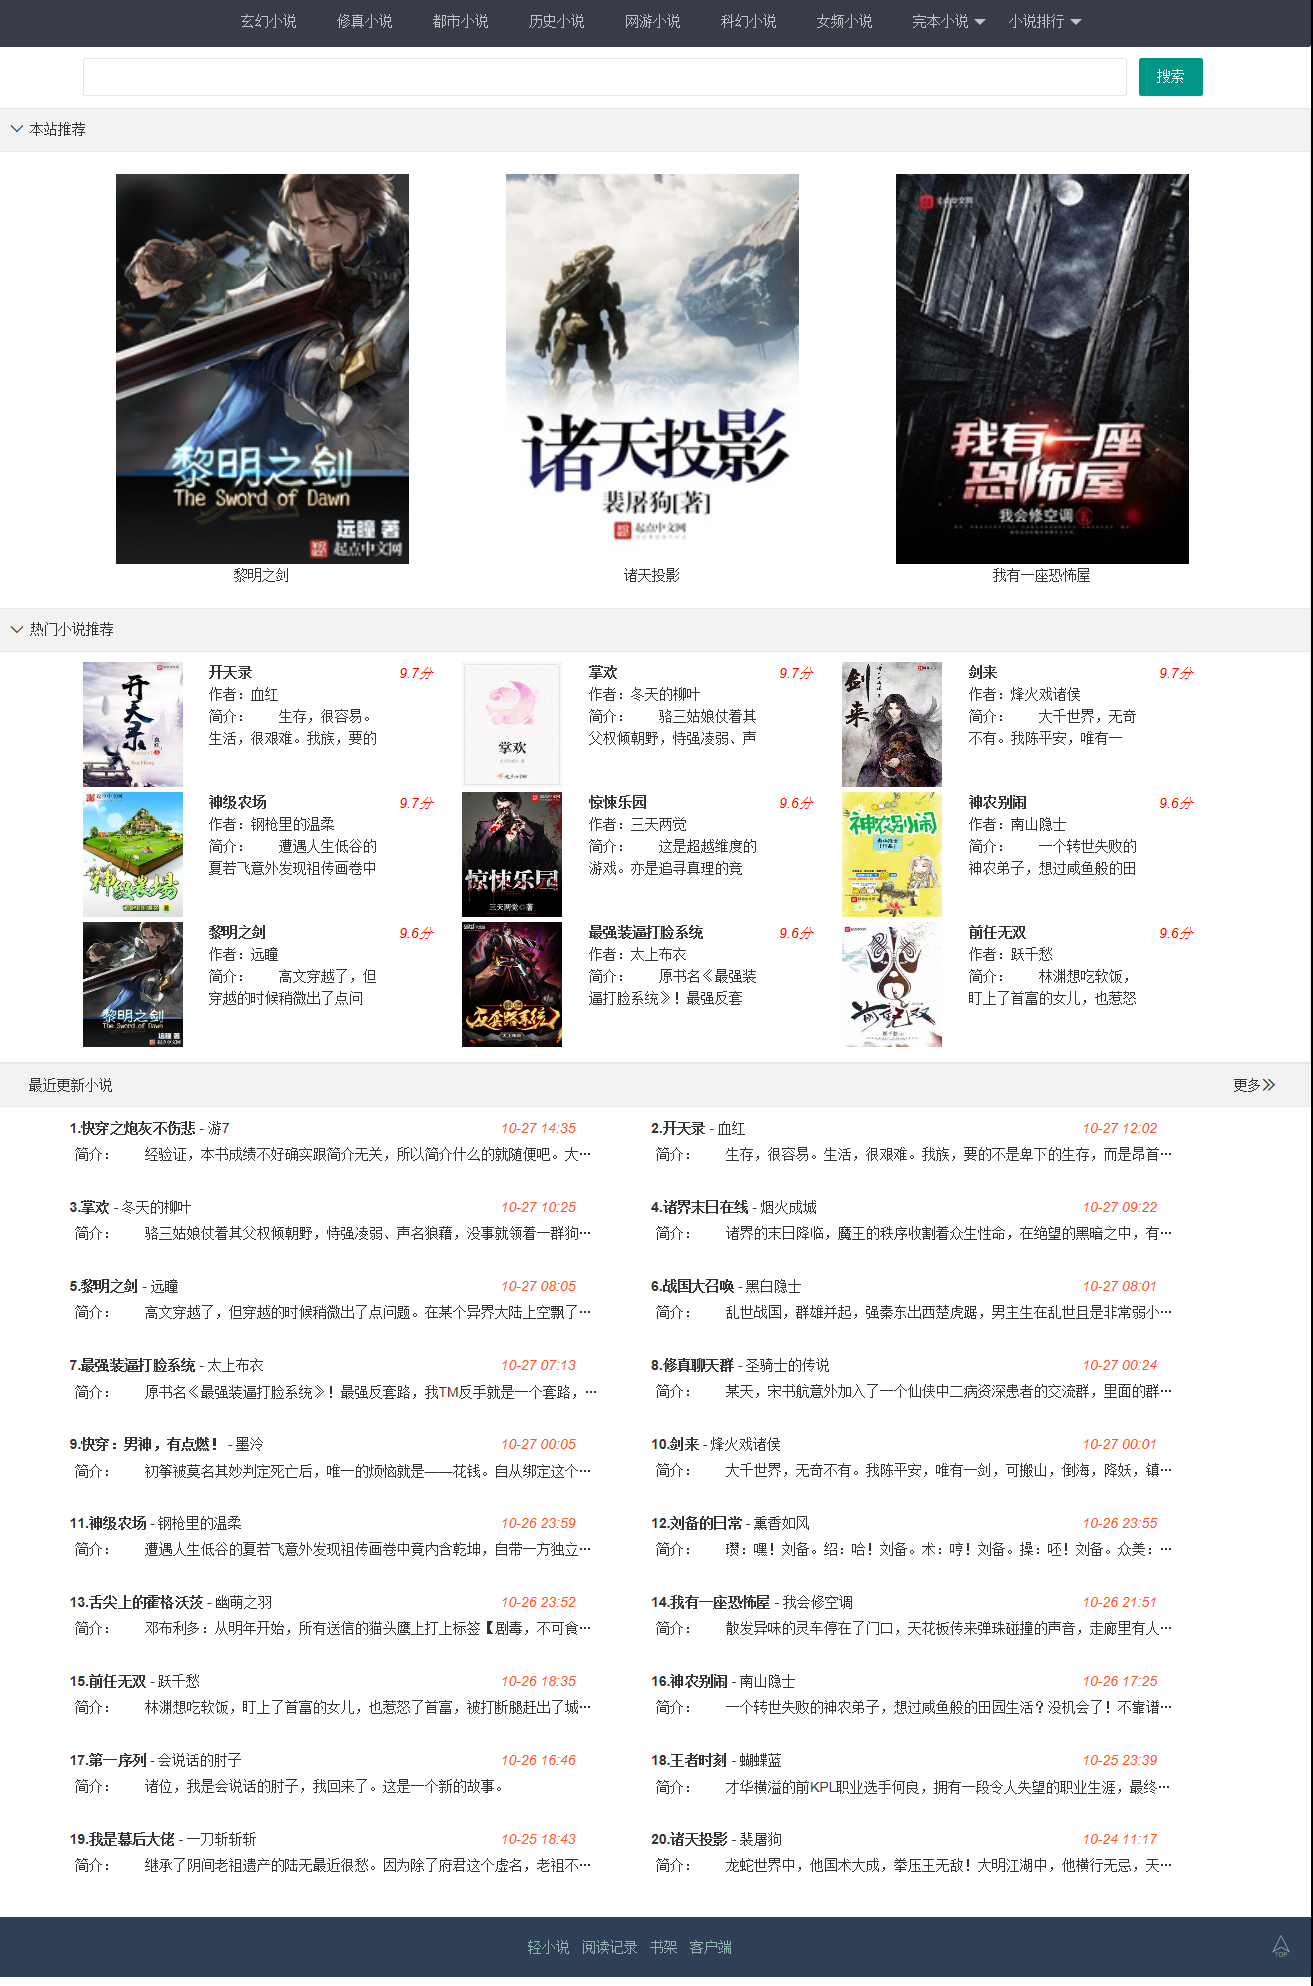 小说精品屋 - 小说阅读弹幕网站_源码分享